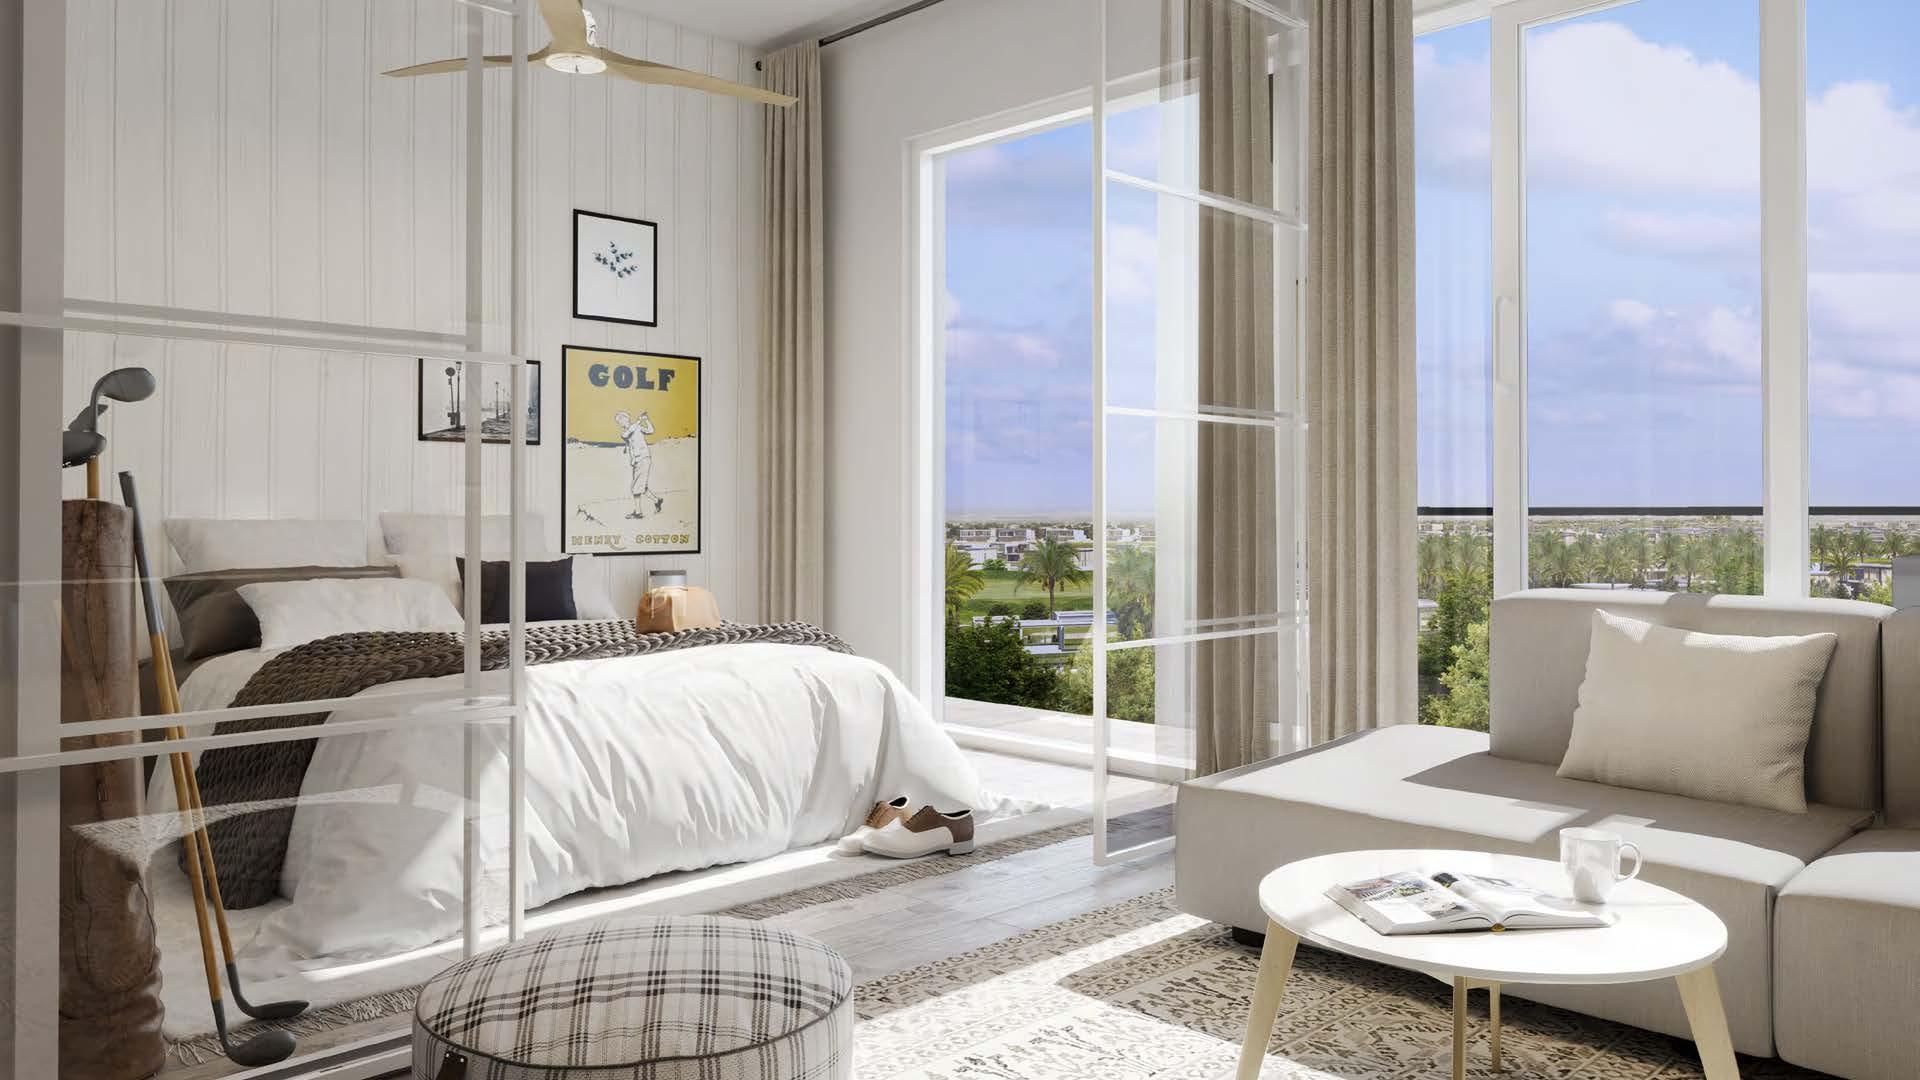 Apartamento en venta en Dubai, EAU, 2 dormitorios, 104 m2, № 24367 – foto 1